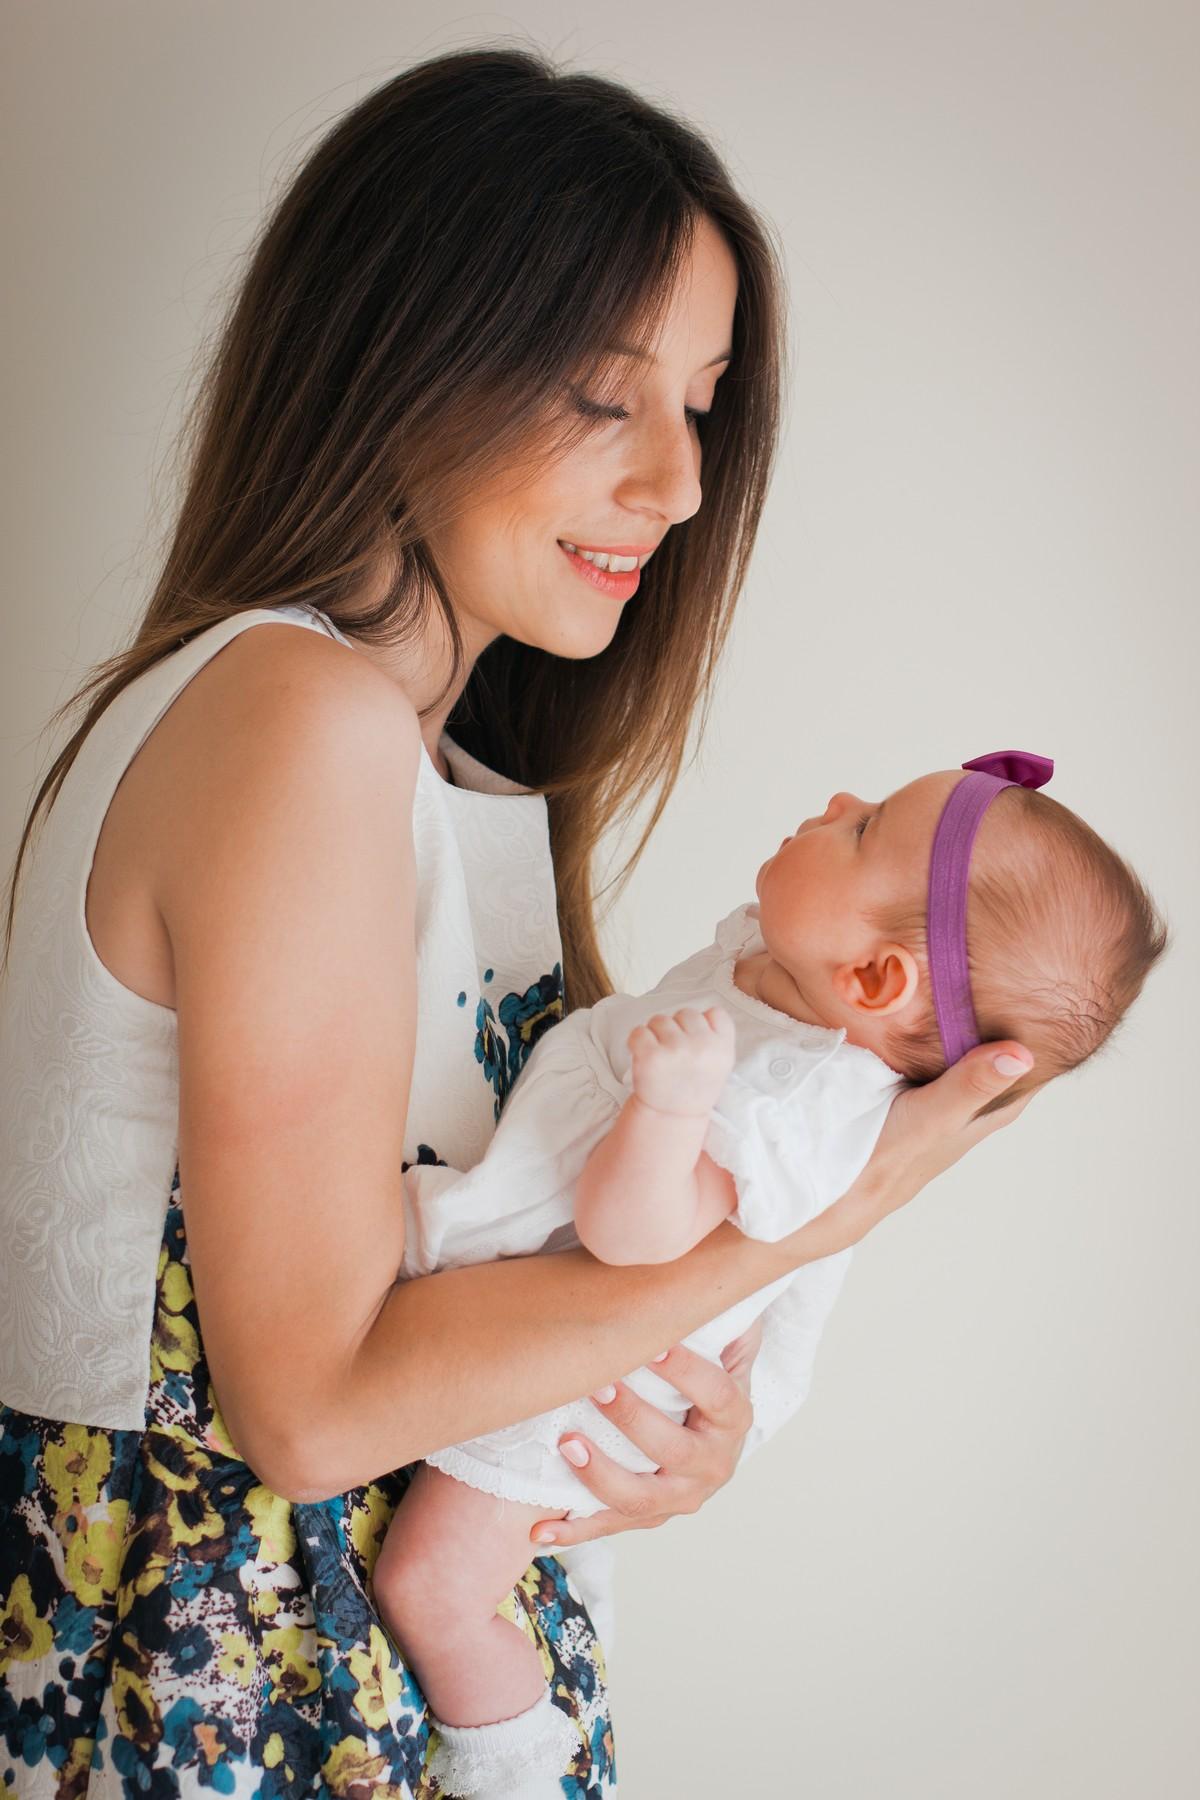 Nouveau-né   comment porter Bébé   - A la une - Destination Santé 2d504b12513